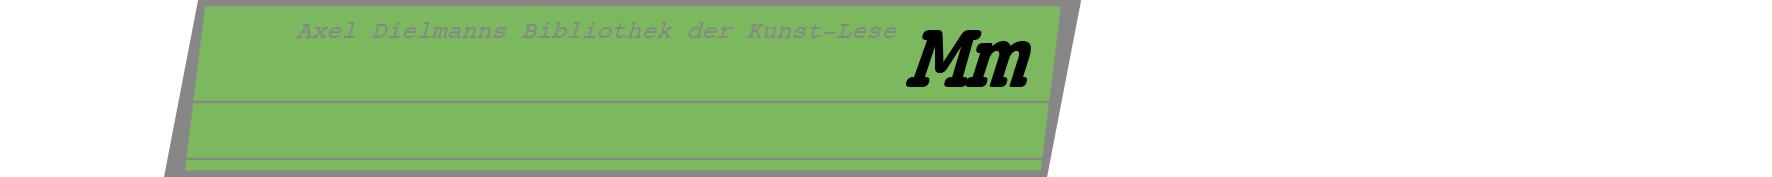 Kartei-M